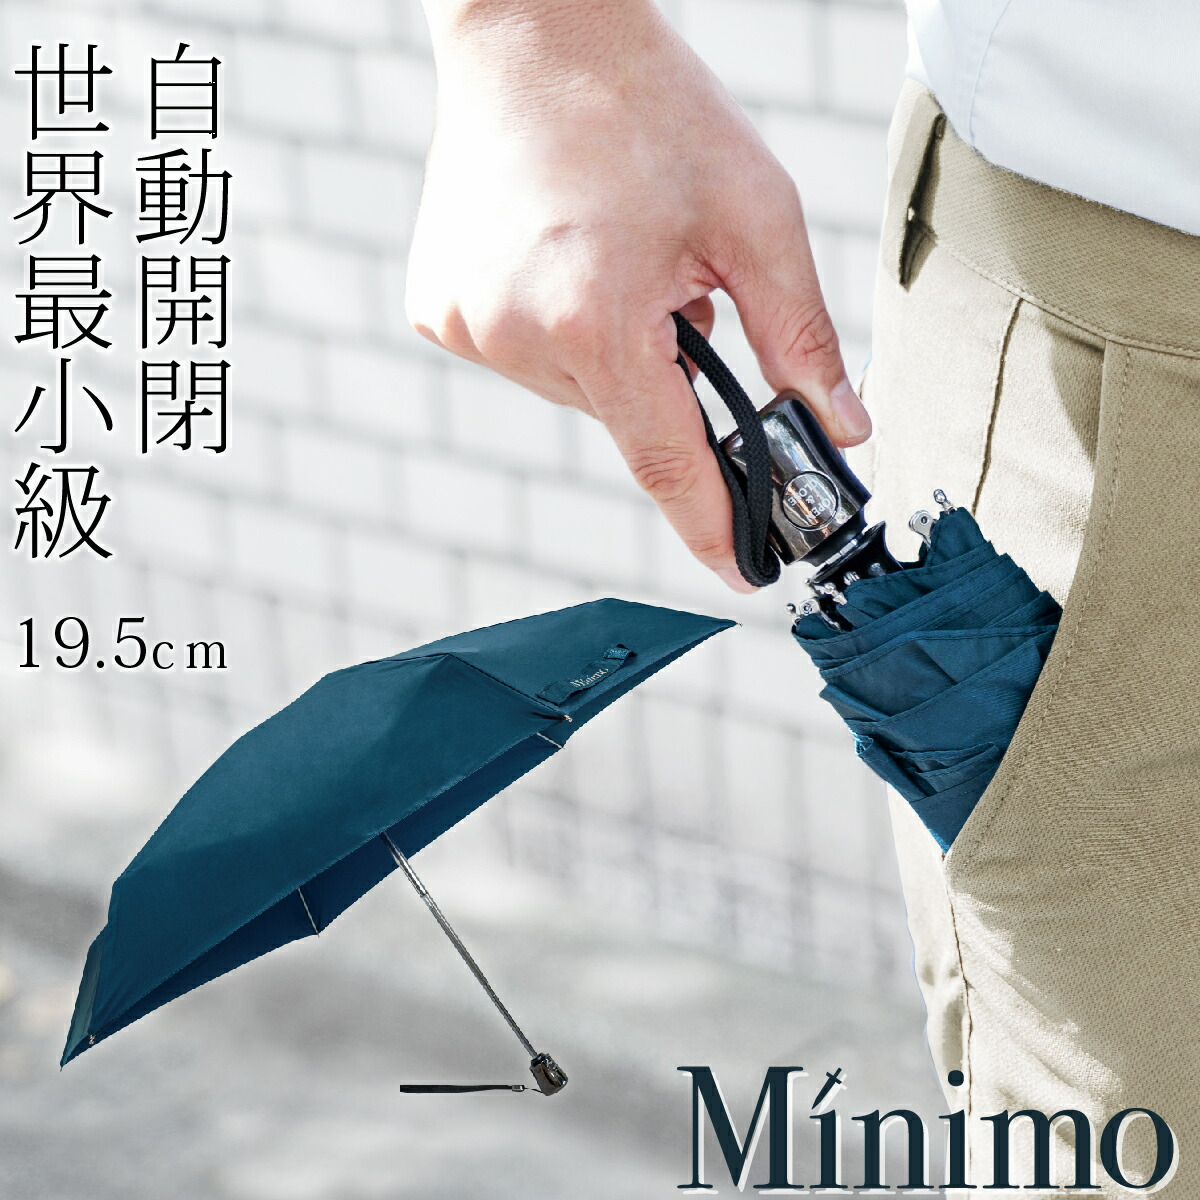 傘 折り畳み 【傘ソムリエ監修】2021年最新折り畳み傘の人気おすすめランキング16選|セレクト